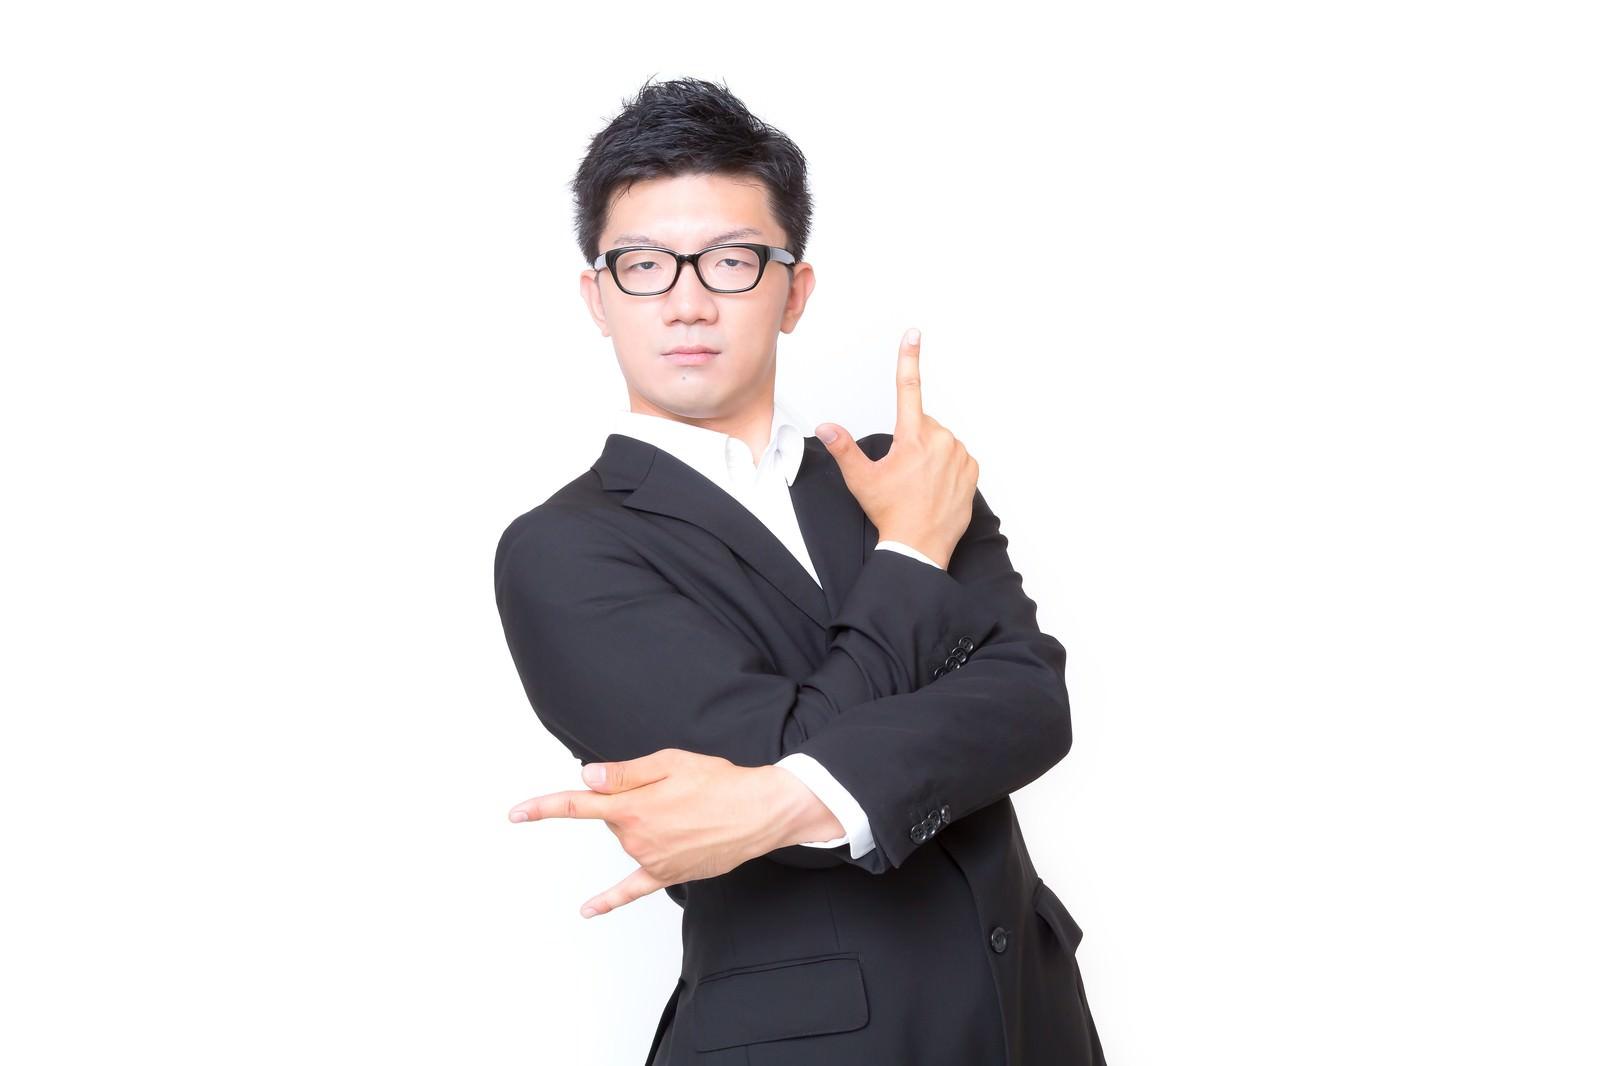 「一見不利に思われたが「そうかな」と答える男性」の写真[モデル:OZPA]